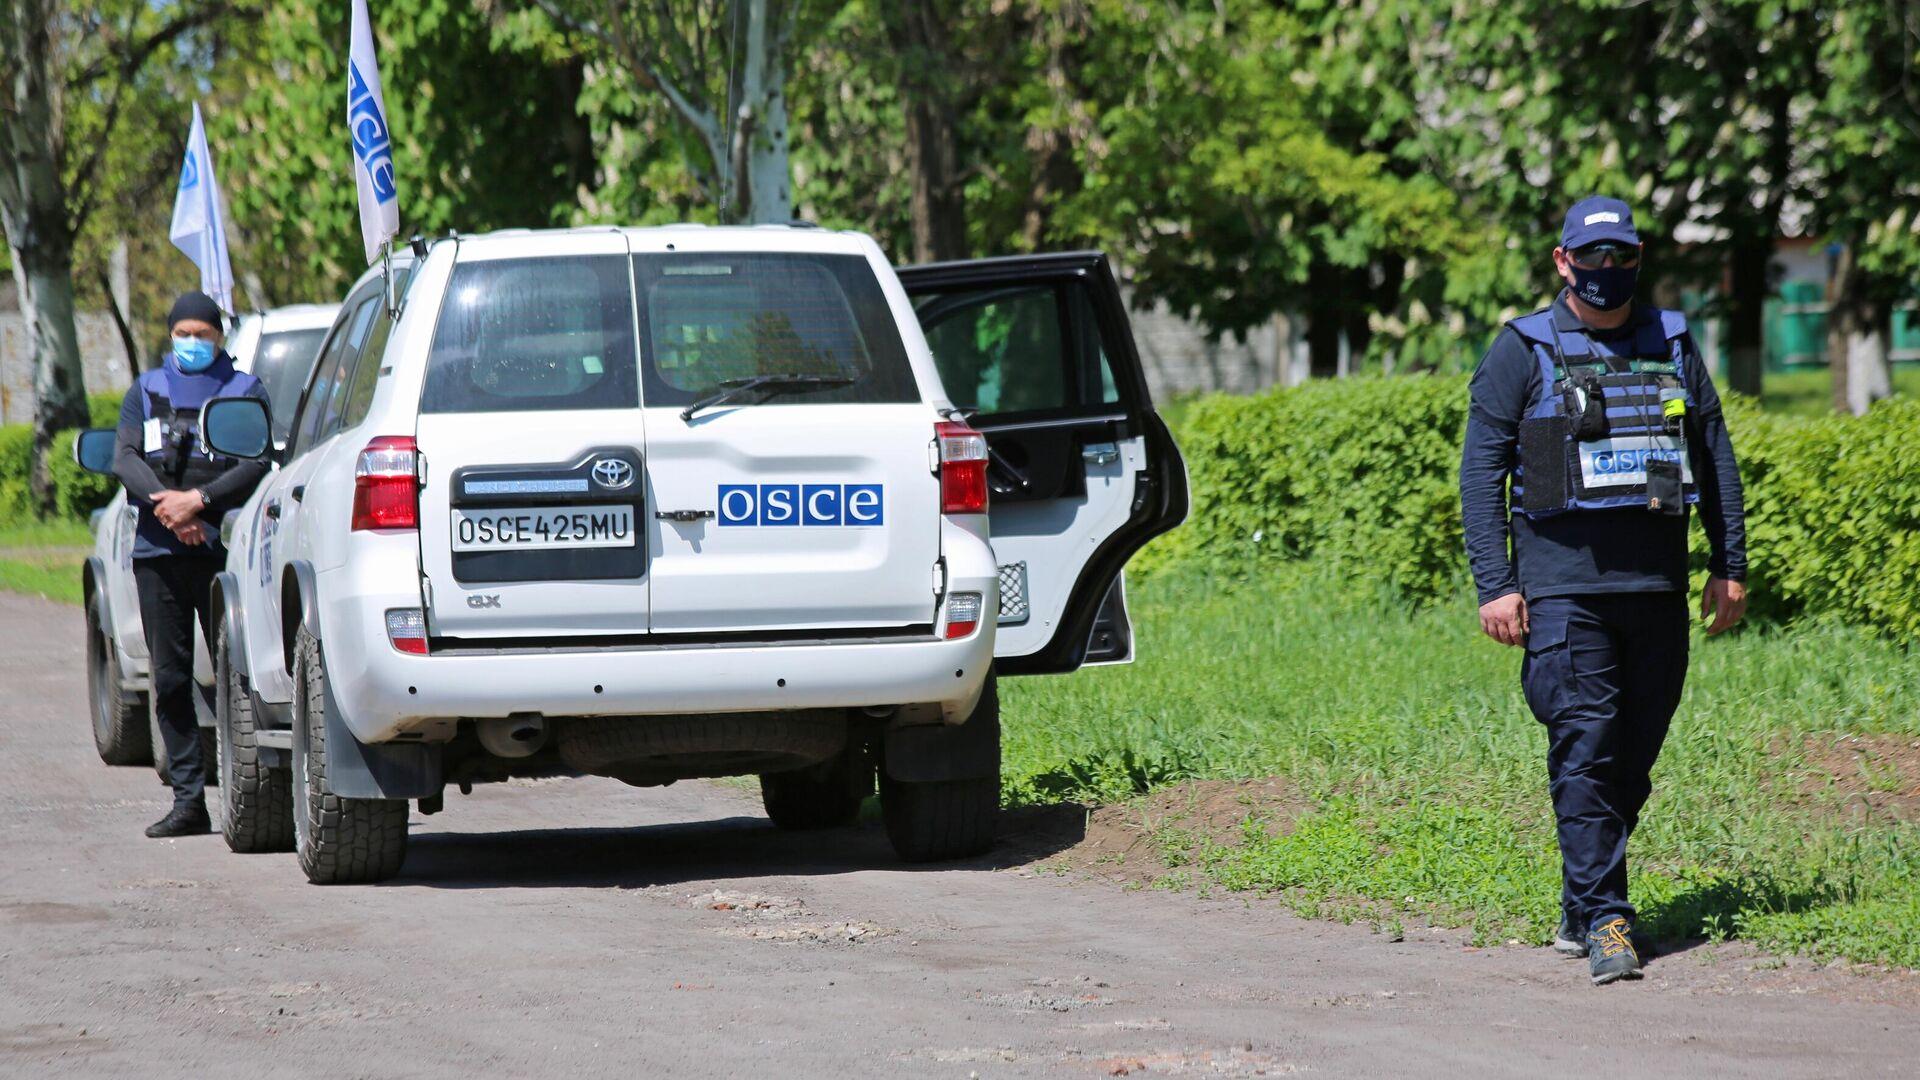 Представители мониторинговой миссии ОБСЕ прибыли на место обстрела в Петровском районе Донецка - РИА Новости, 1920, 15.06.2021